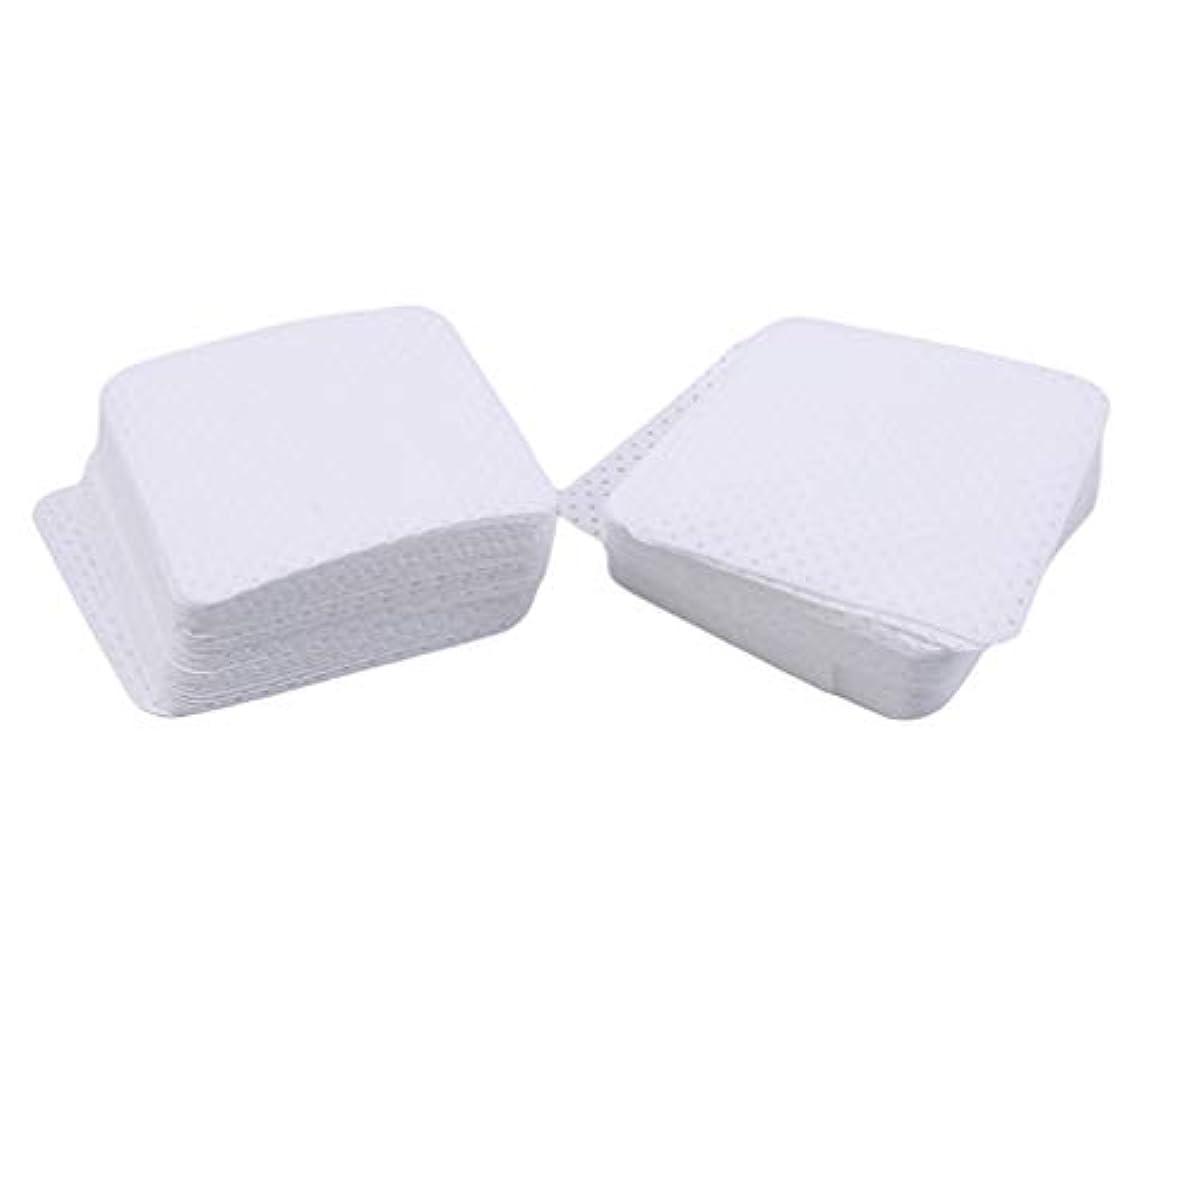 記憶塗抹適応するNoonlity ネイルワイプ ジェルワイプ コットン ネイルオフ 不織布 ネイル用 未硬化ジェルの拭き取り 100枚入り